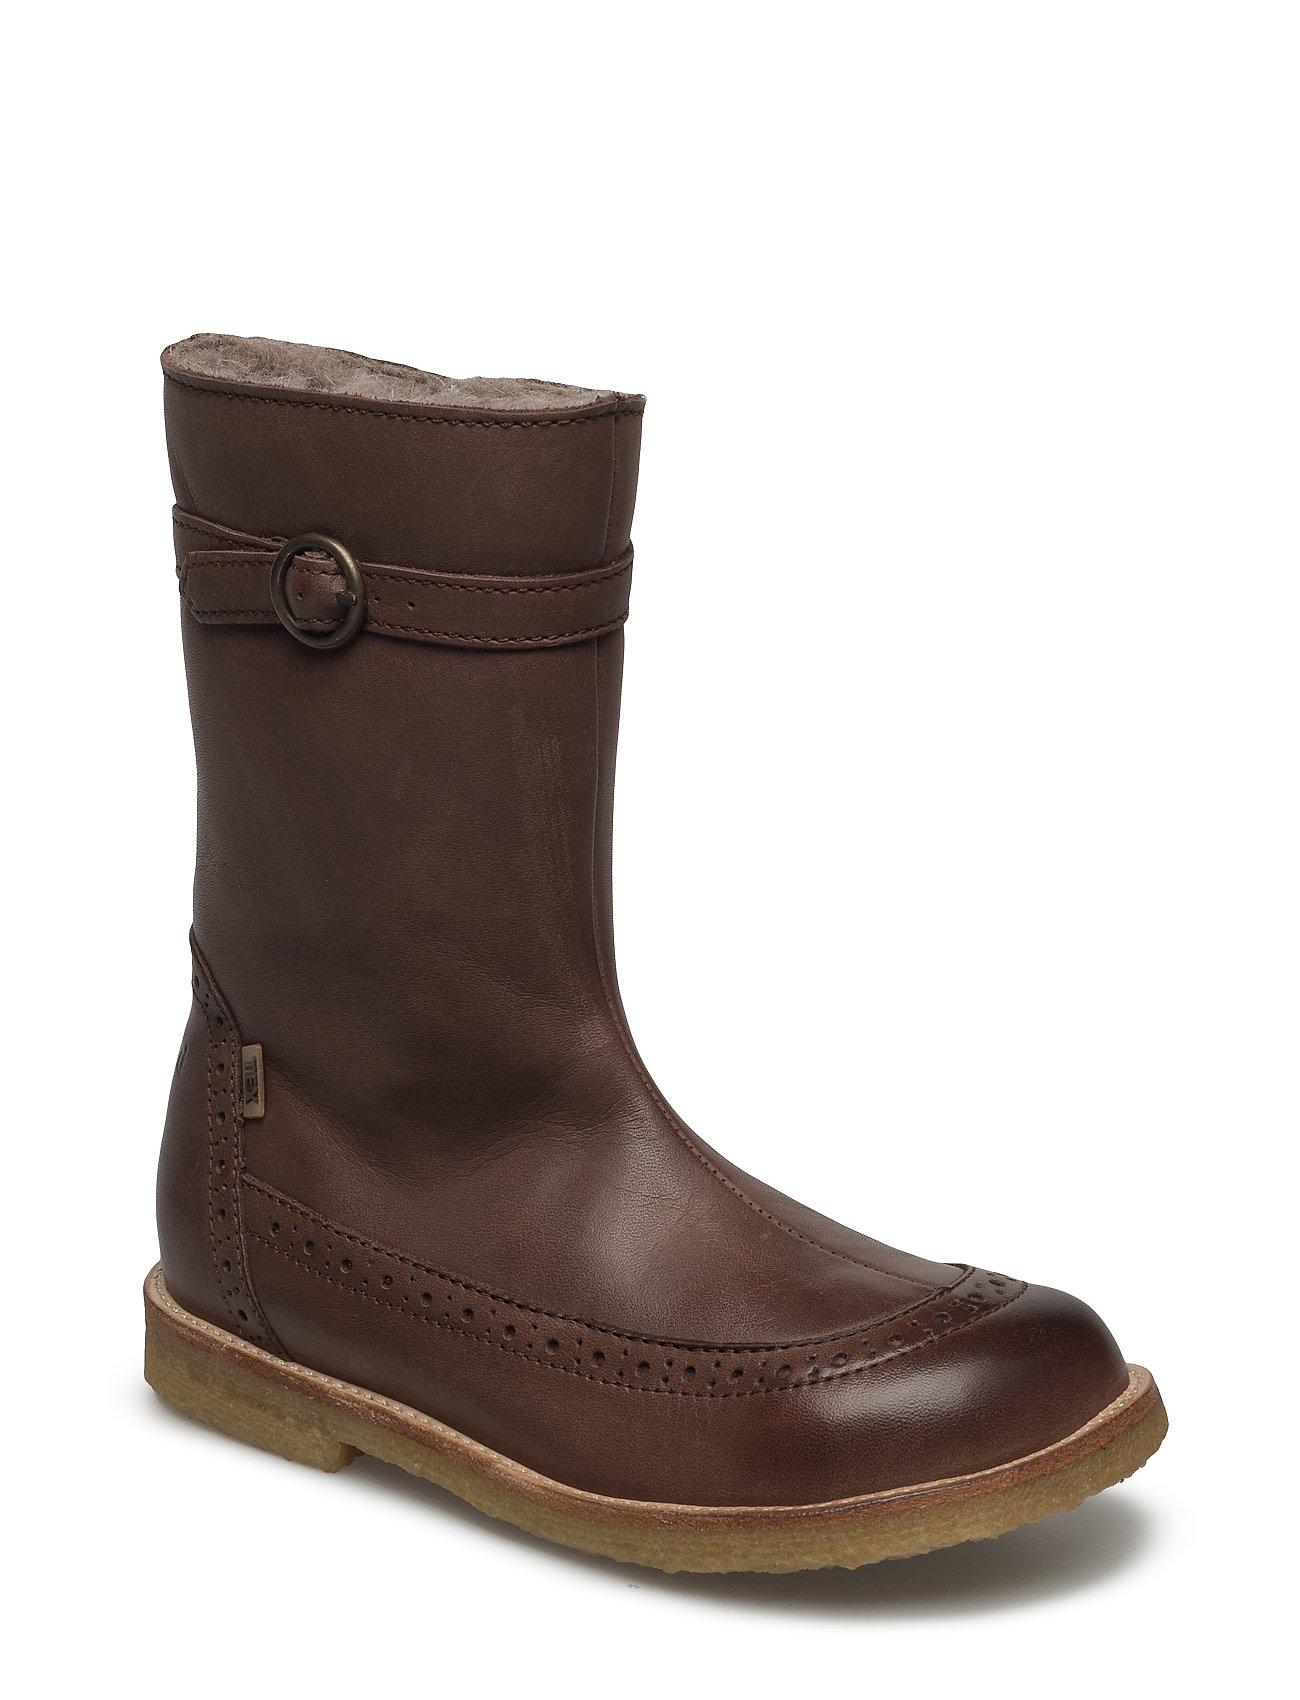 Tex Boot Bisgaard Støvler til Børn i Brun